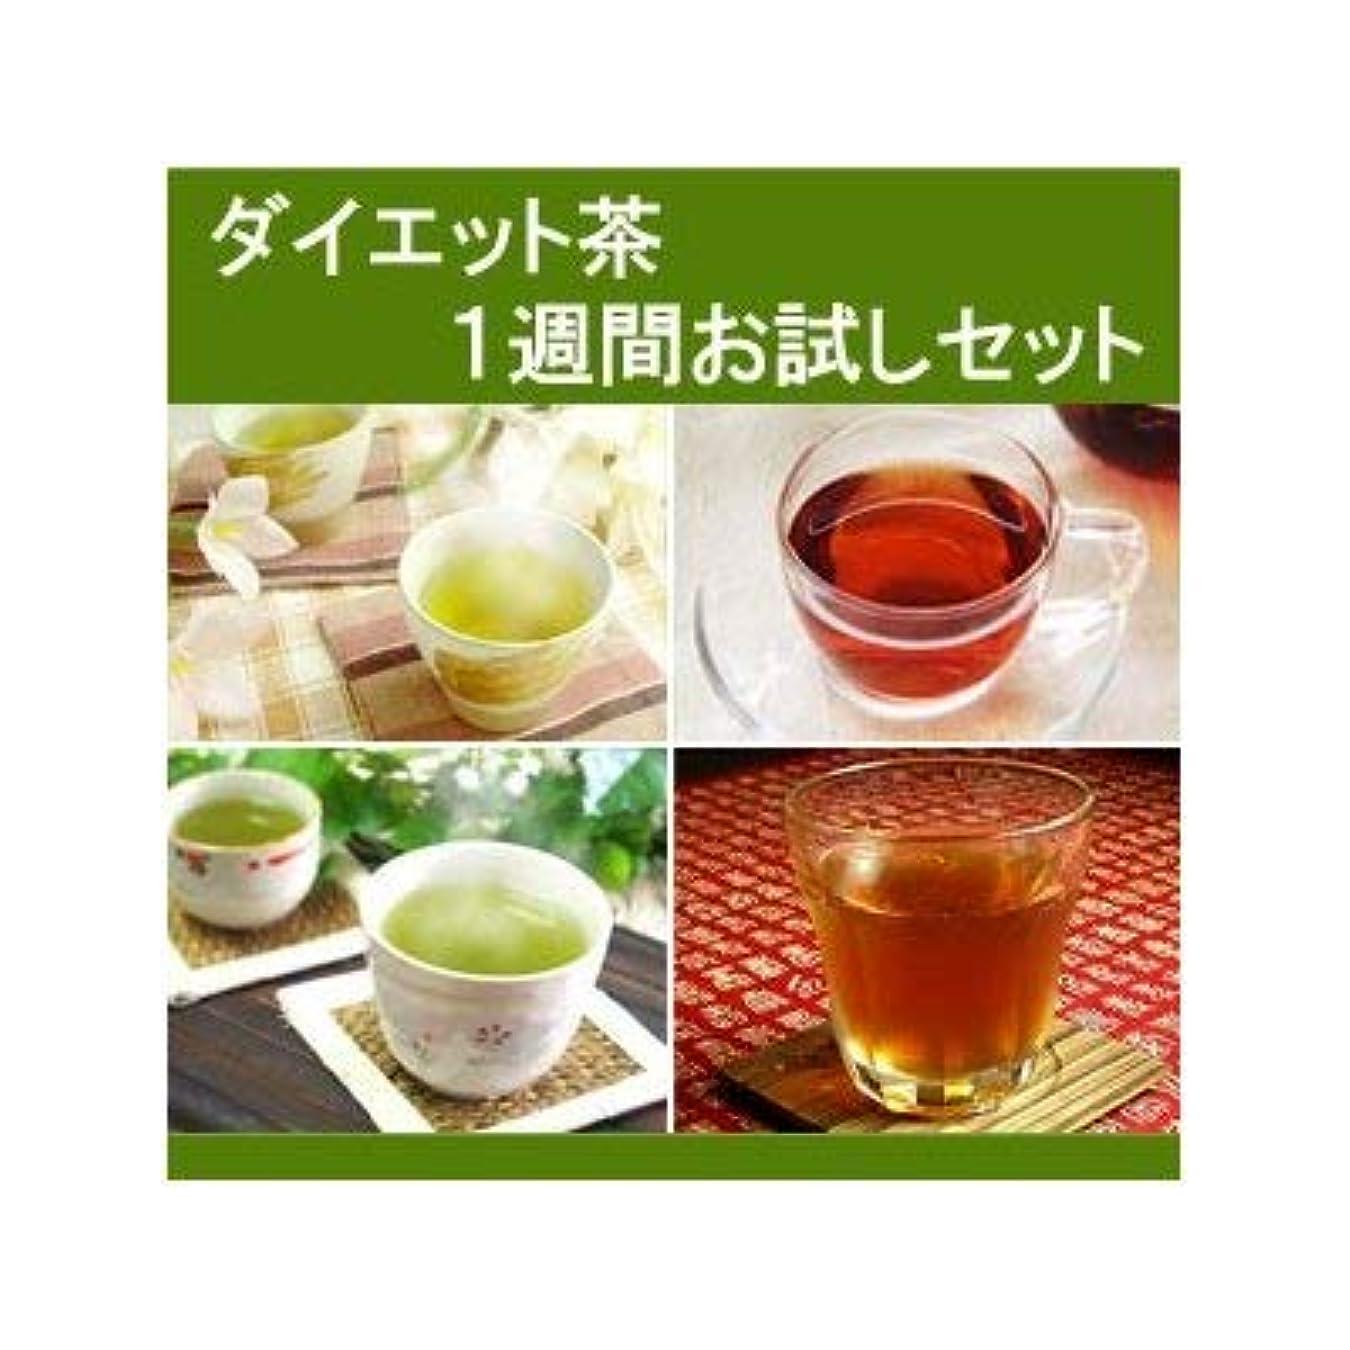 酸化する特異な一ダイエット茶1週間お試しセット